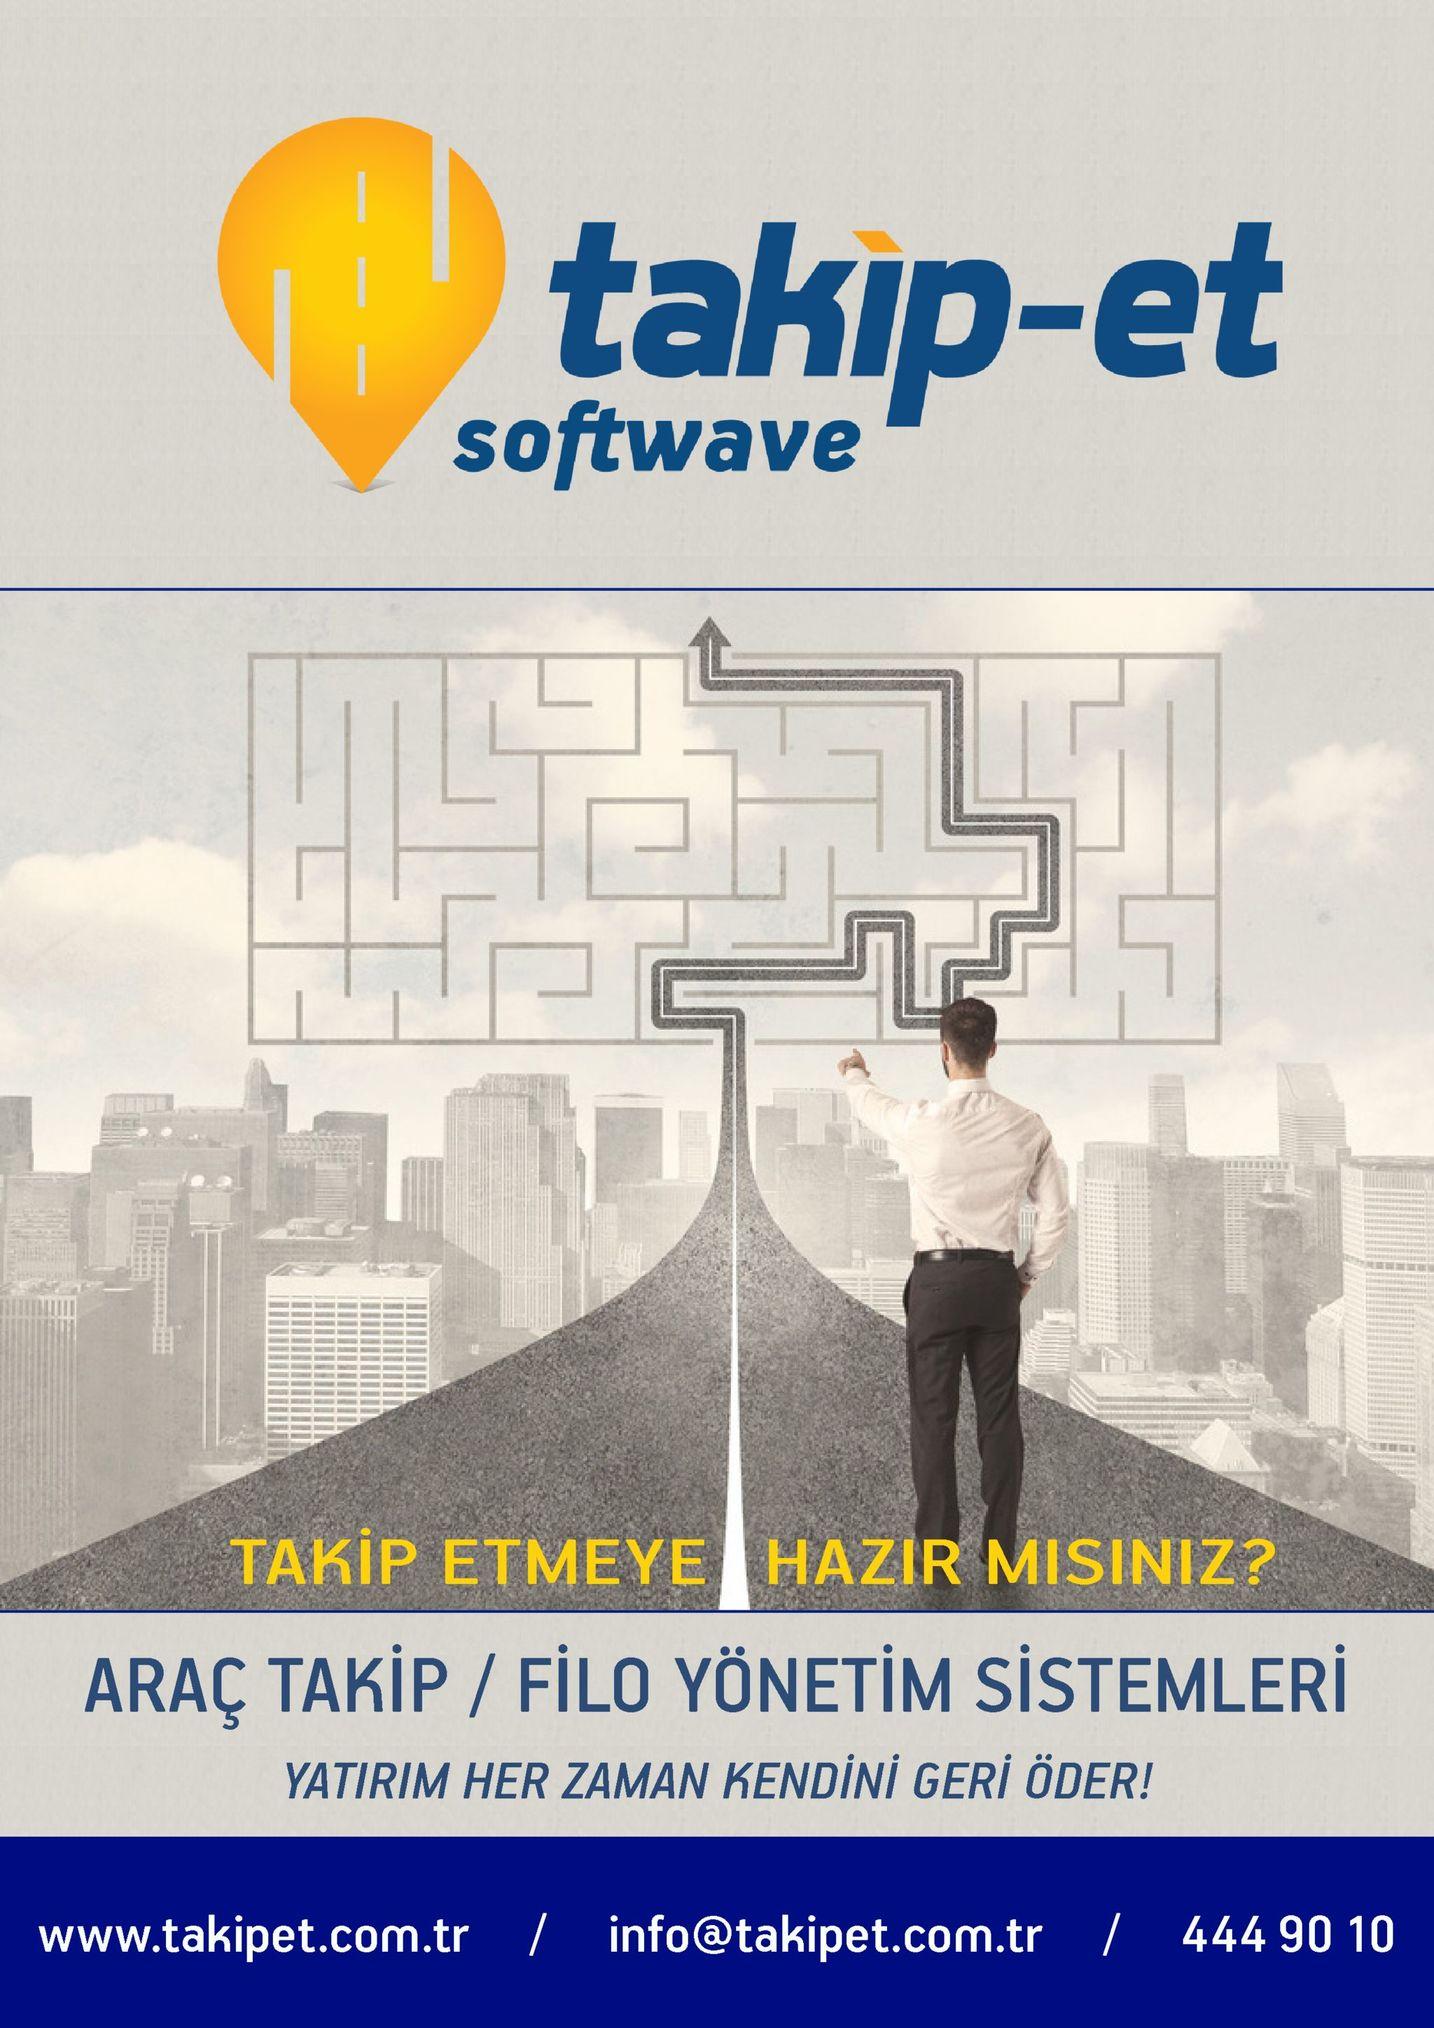 takip-et softwave takip etmeye hazir misiniz? araç takip / filo yönetim sistemleri yatirim her zaman kendini geri öder! www.takipet.com.tr / info@takipet.com.tr 444 90 10